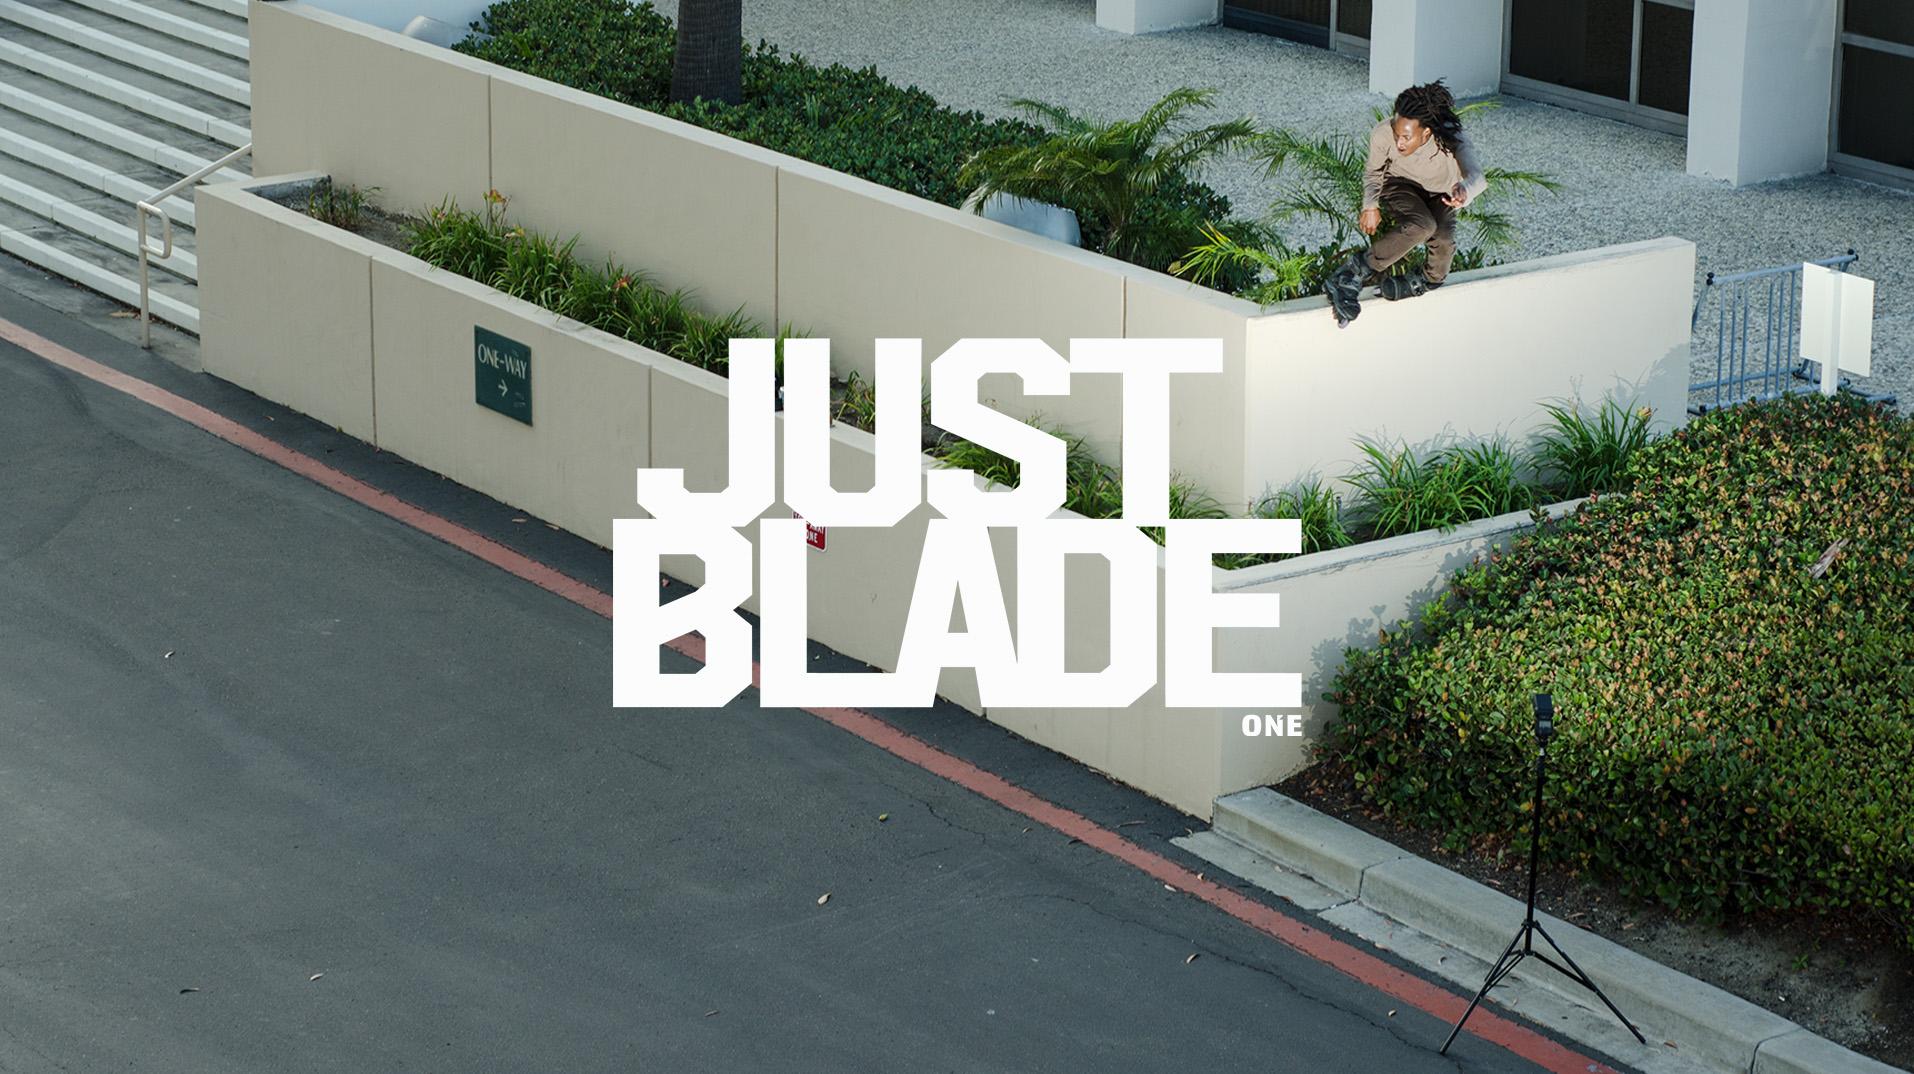 JUST BLADE [1:00 Trailer]